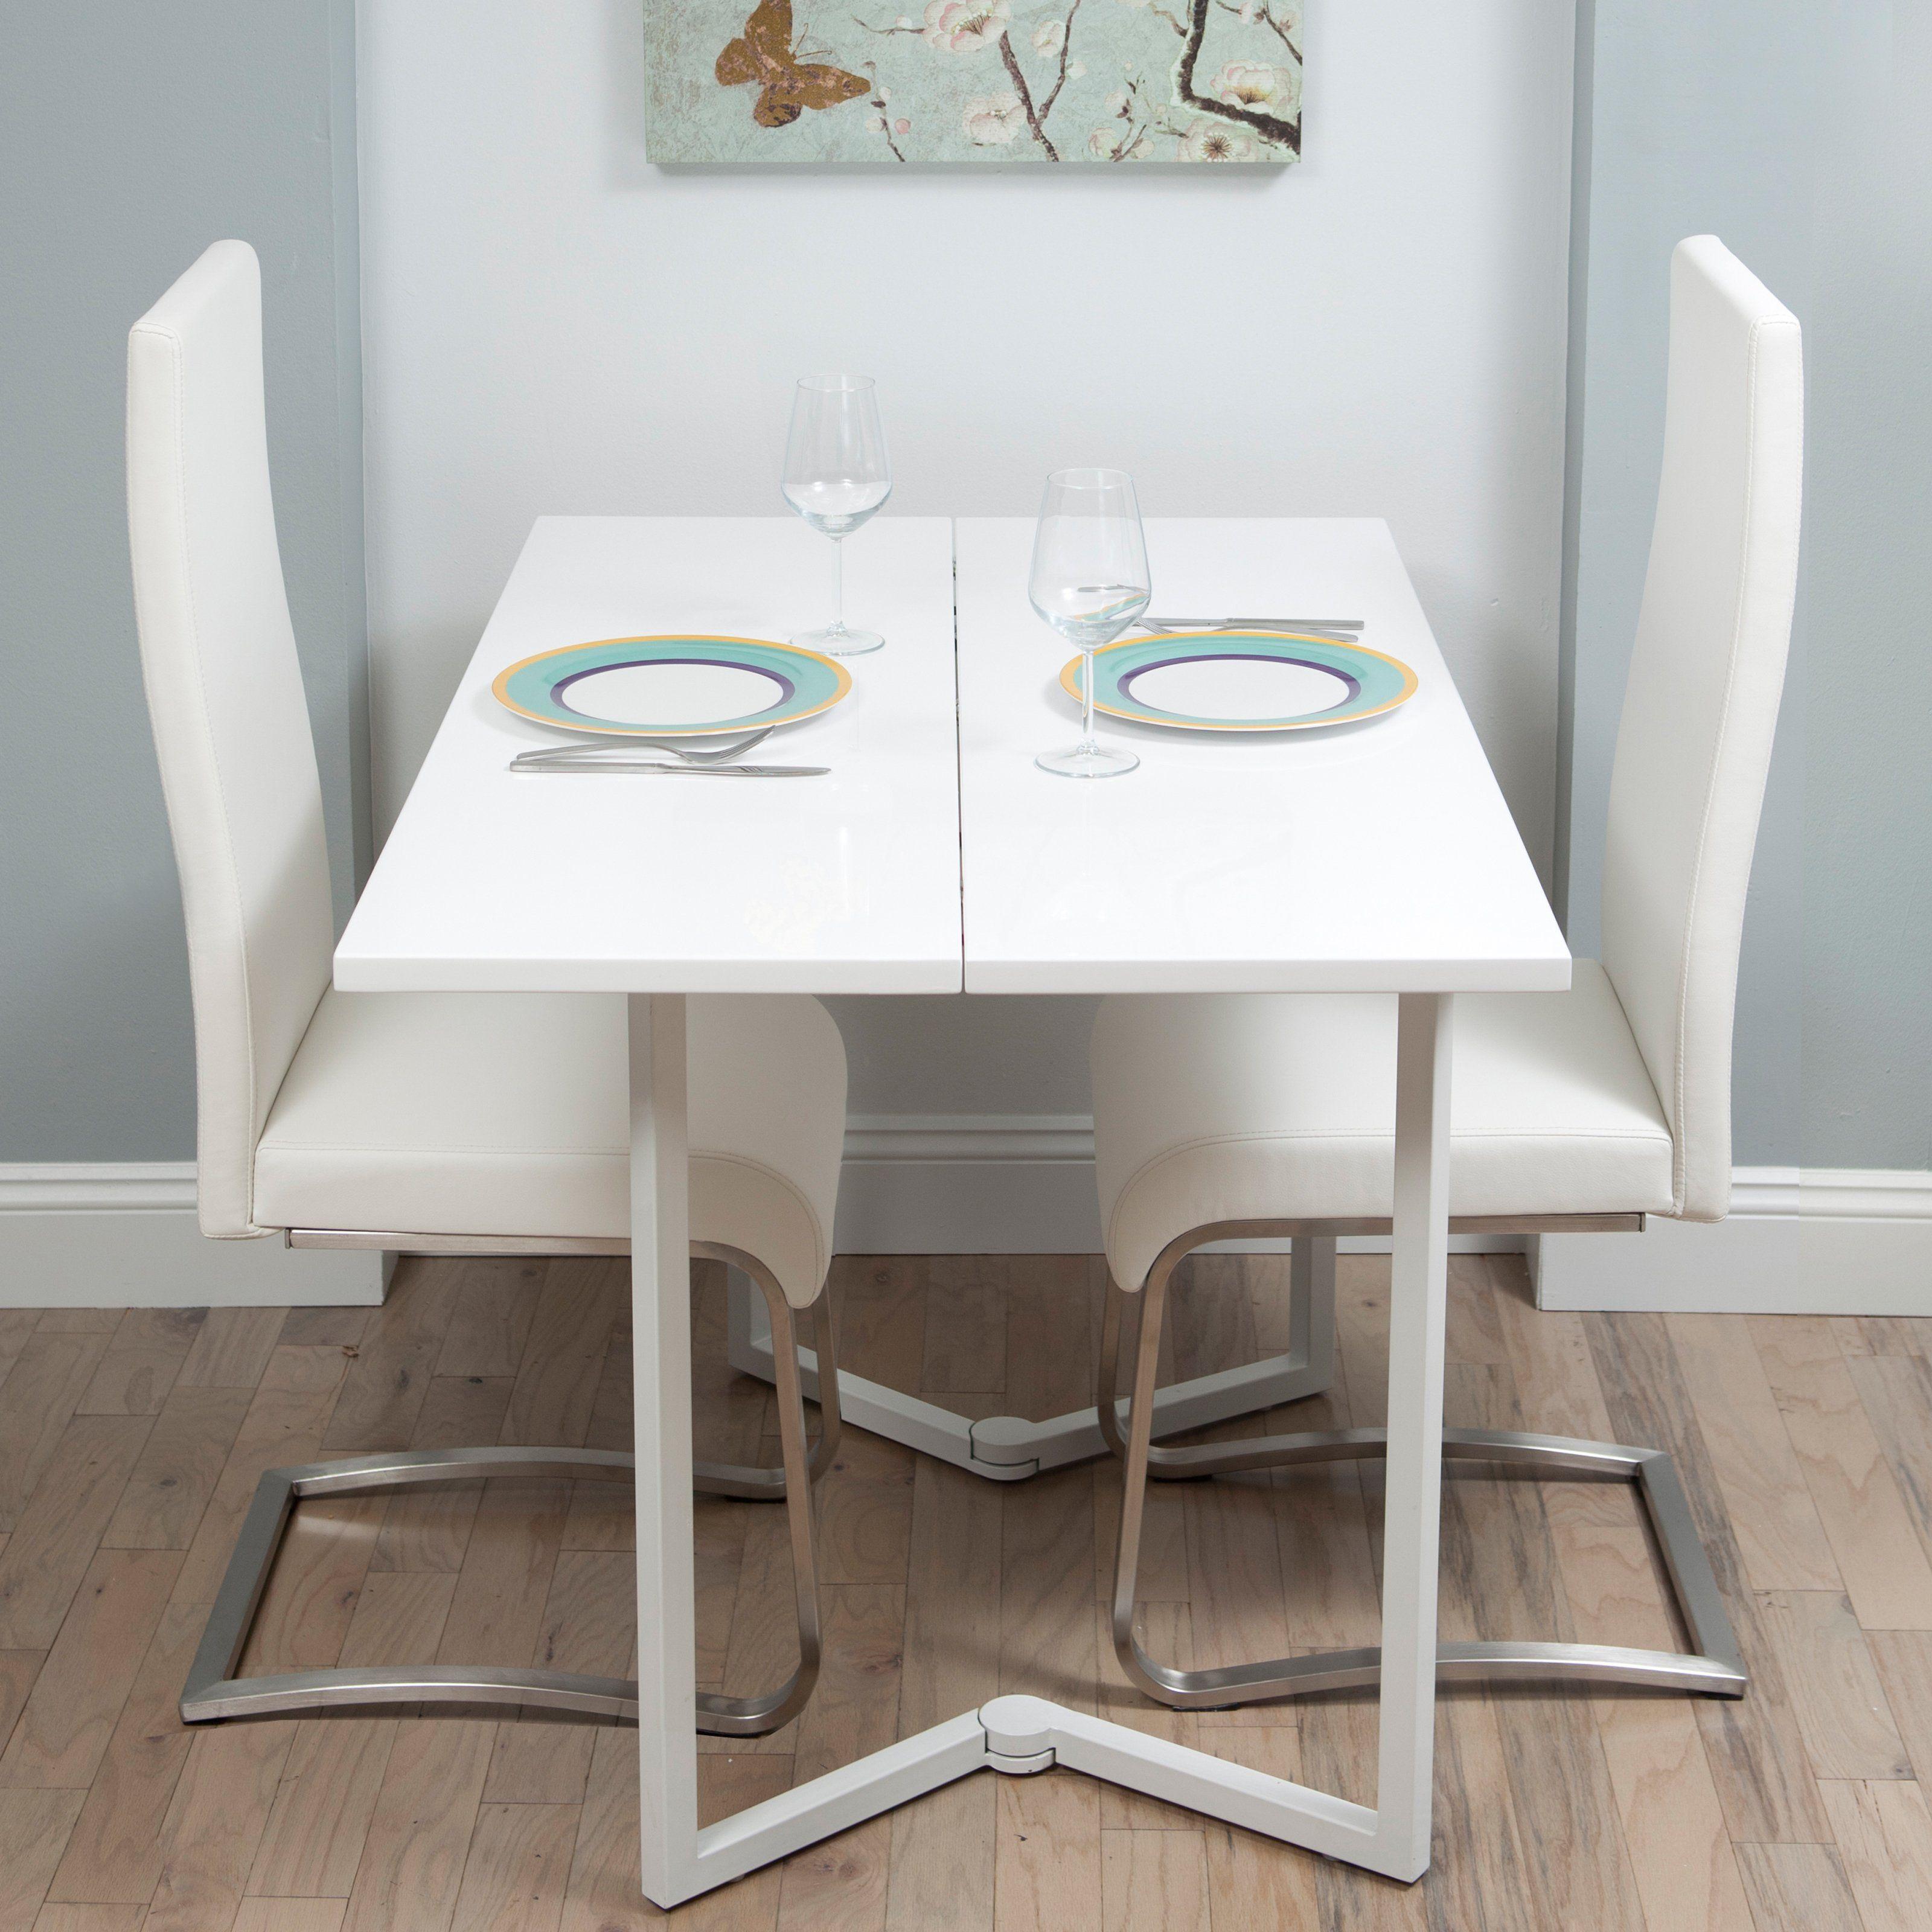 Modern Kuchentische Stuhle Weiss Speisezimmereinrichtung